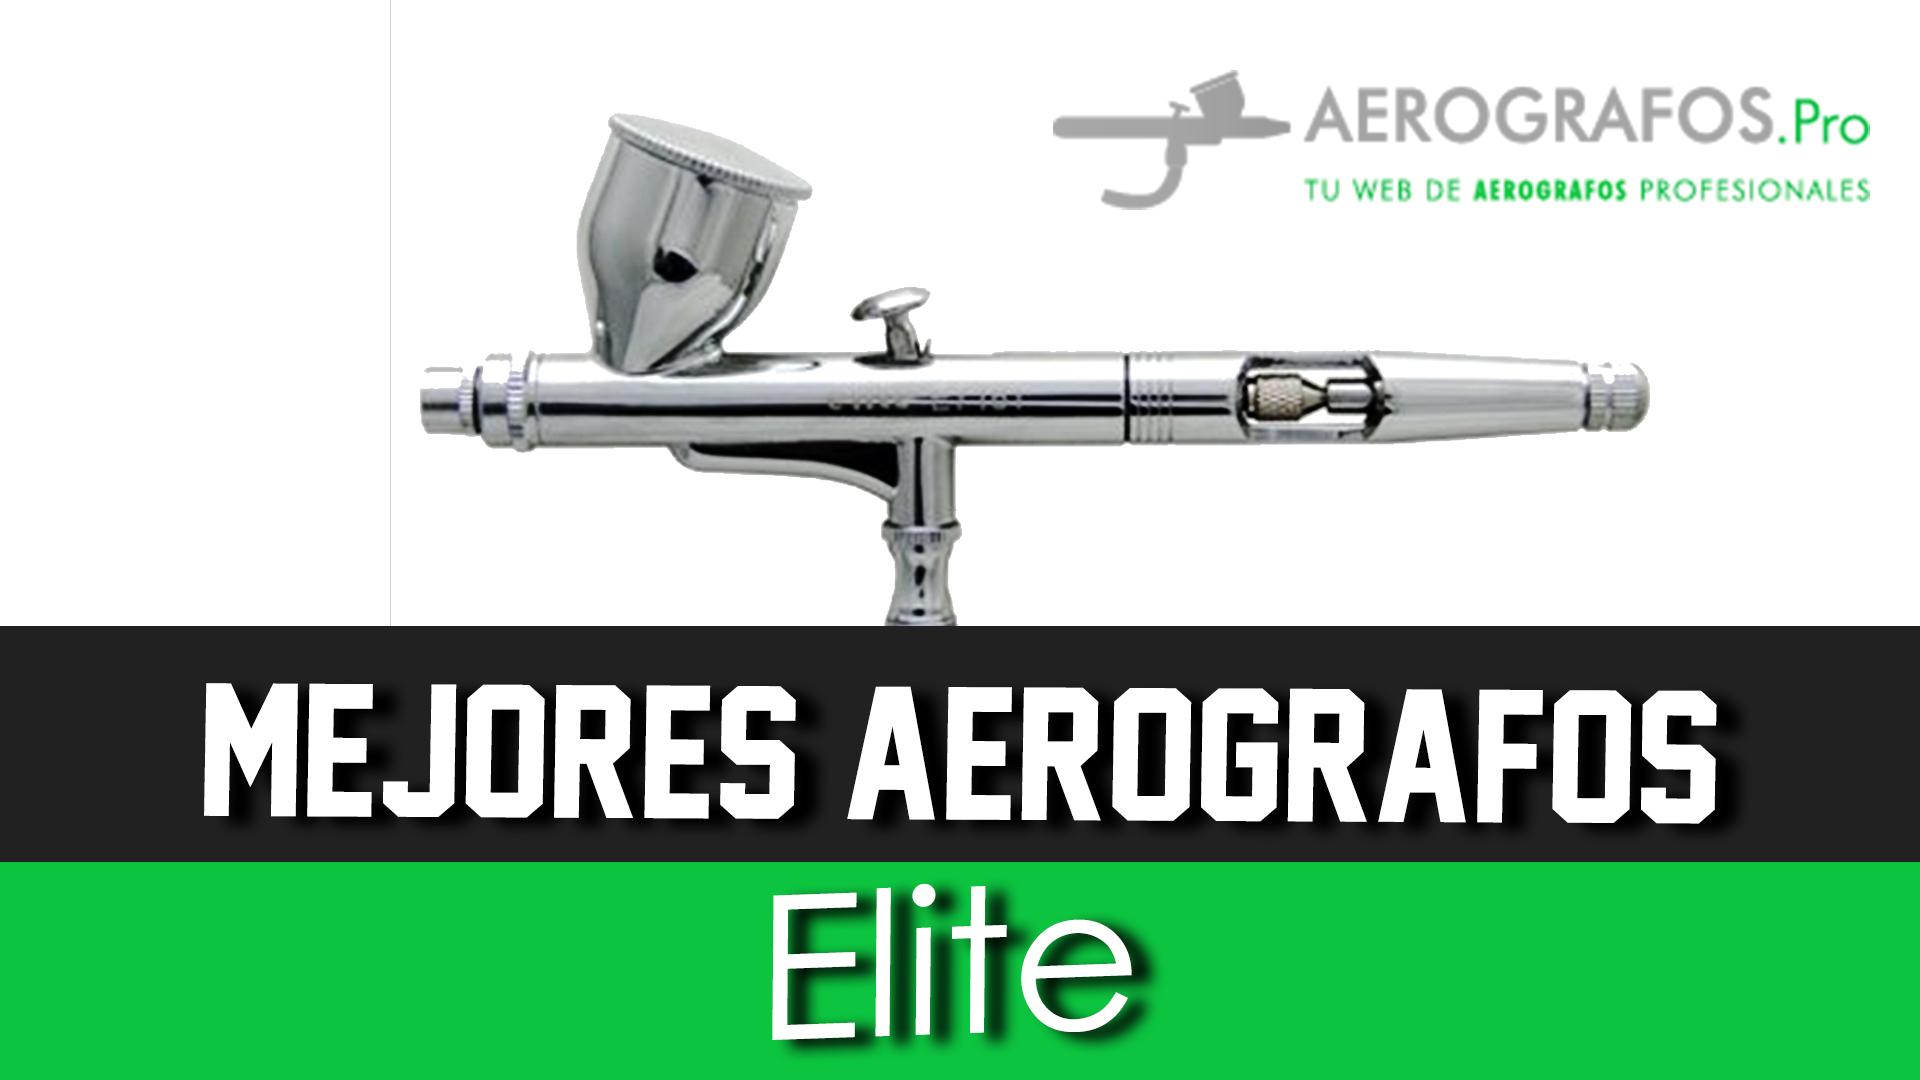 Aerógrafo Elite